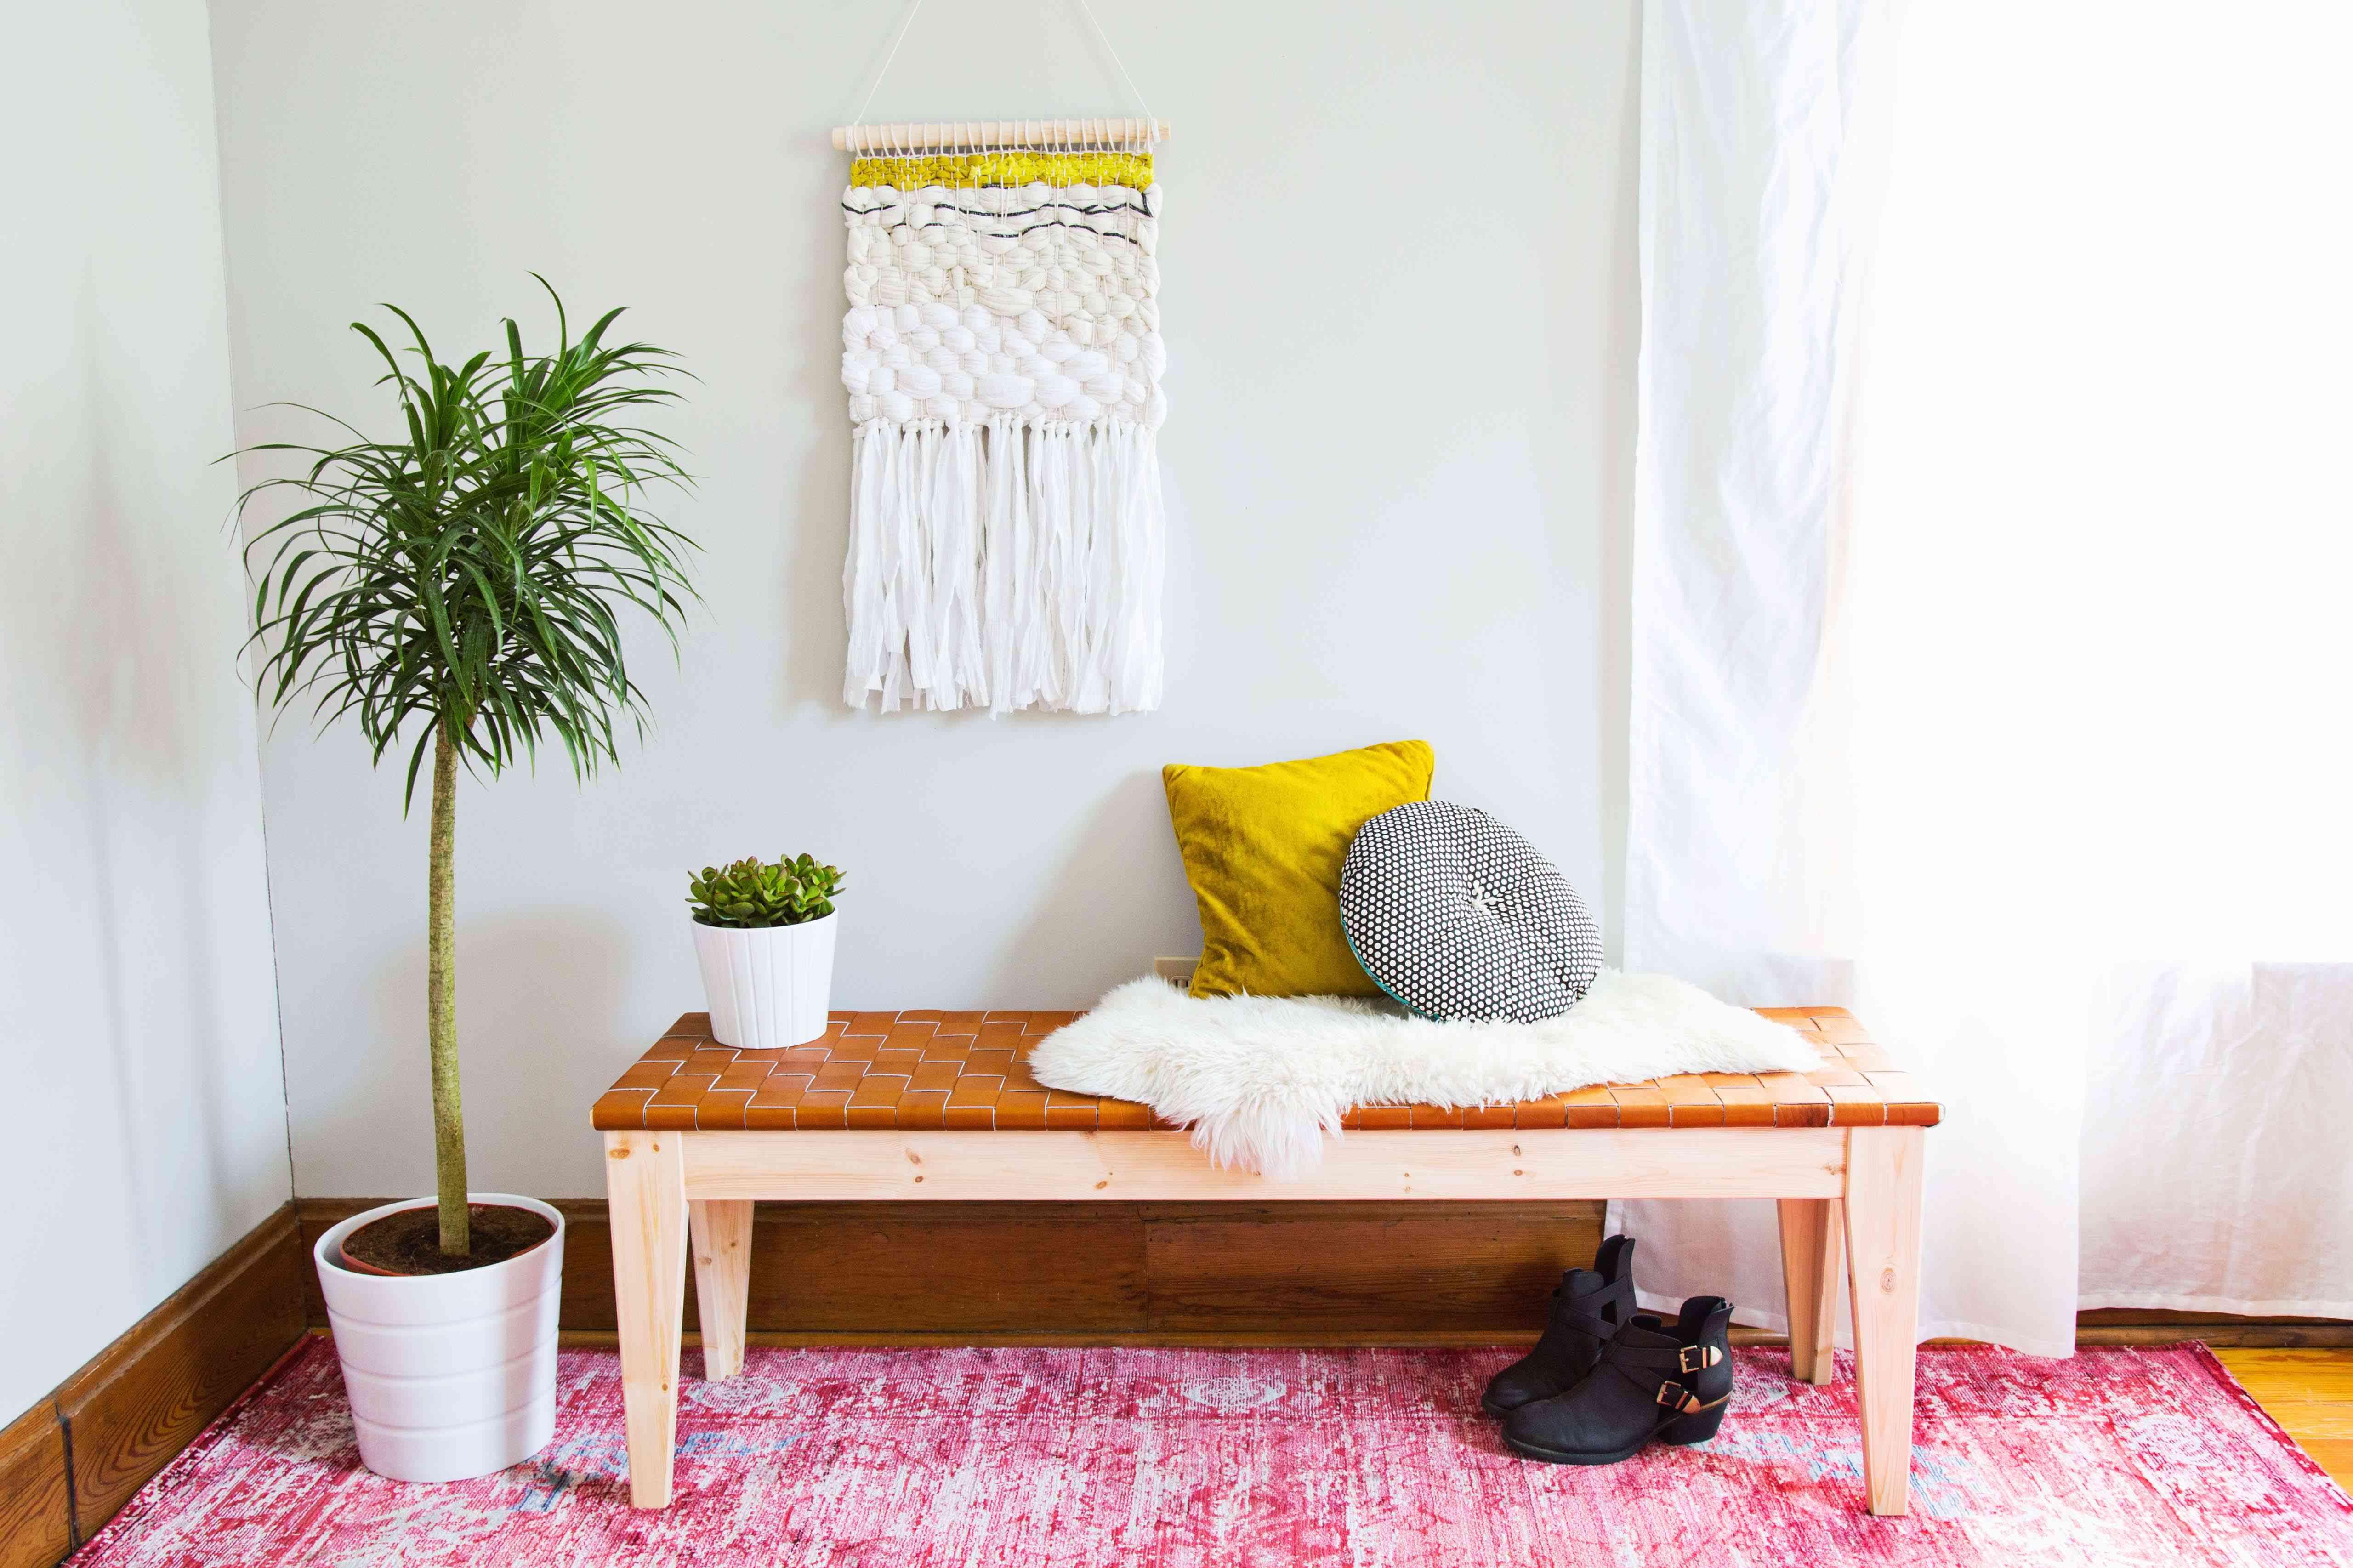 Un salón habitación con un banco, almohadas y un tapiz